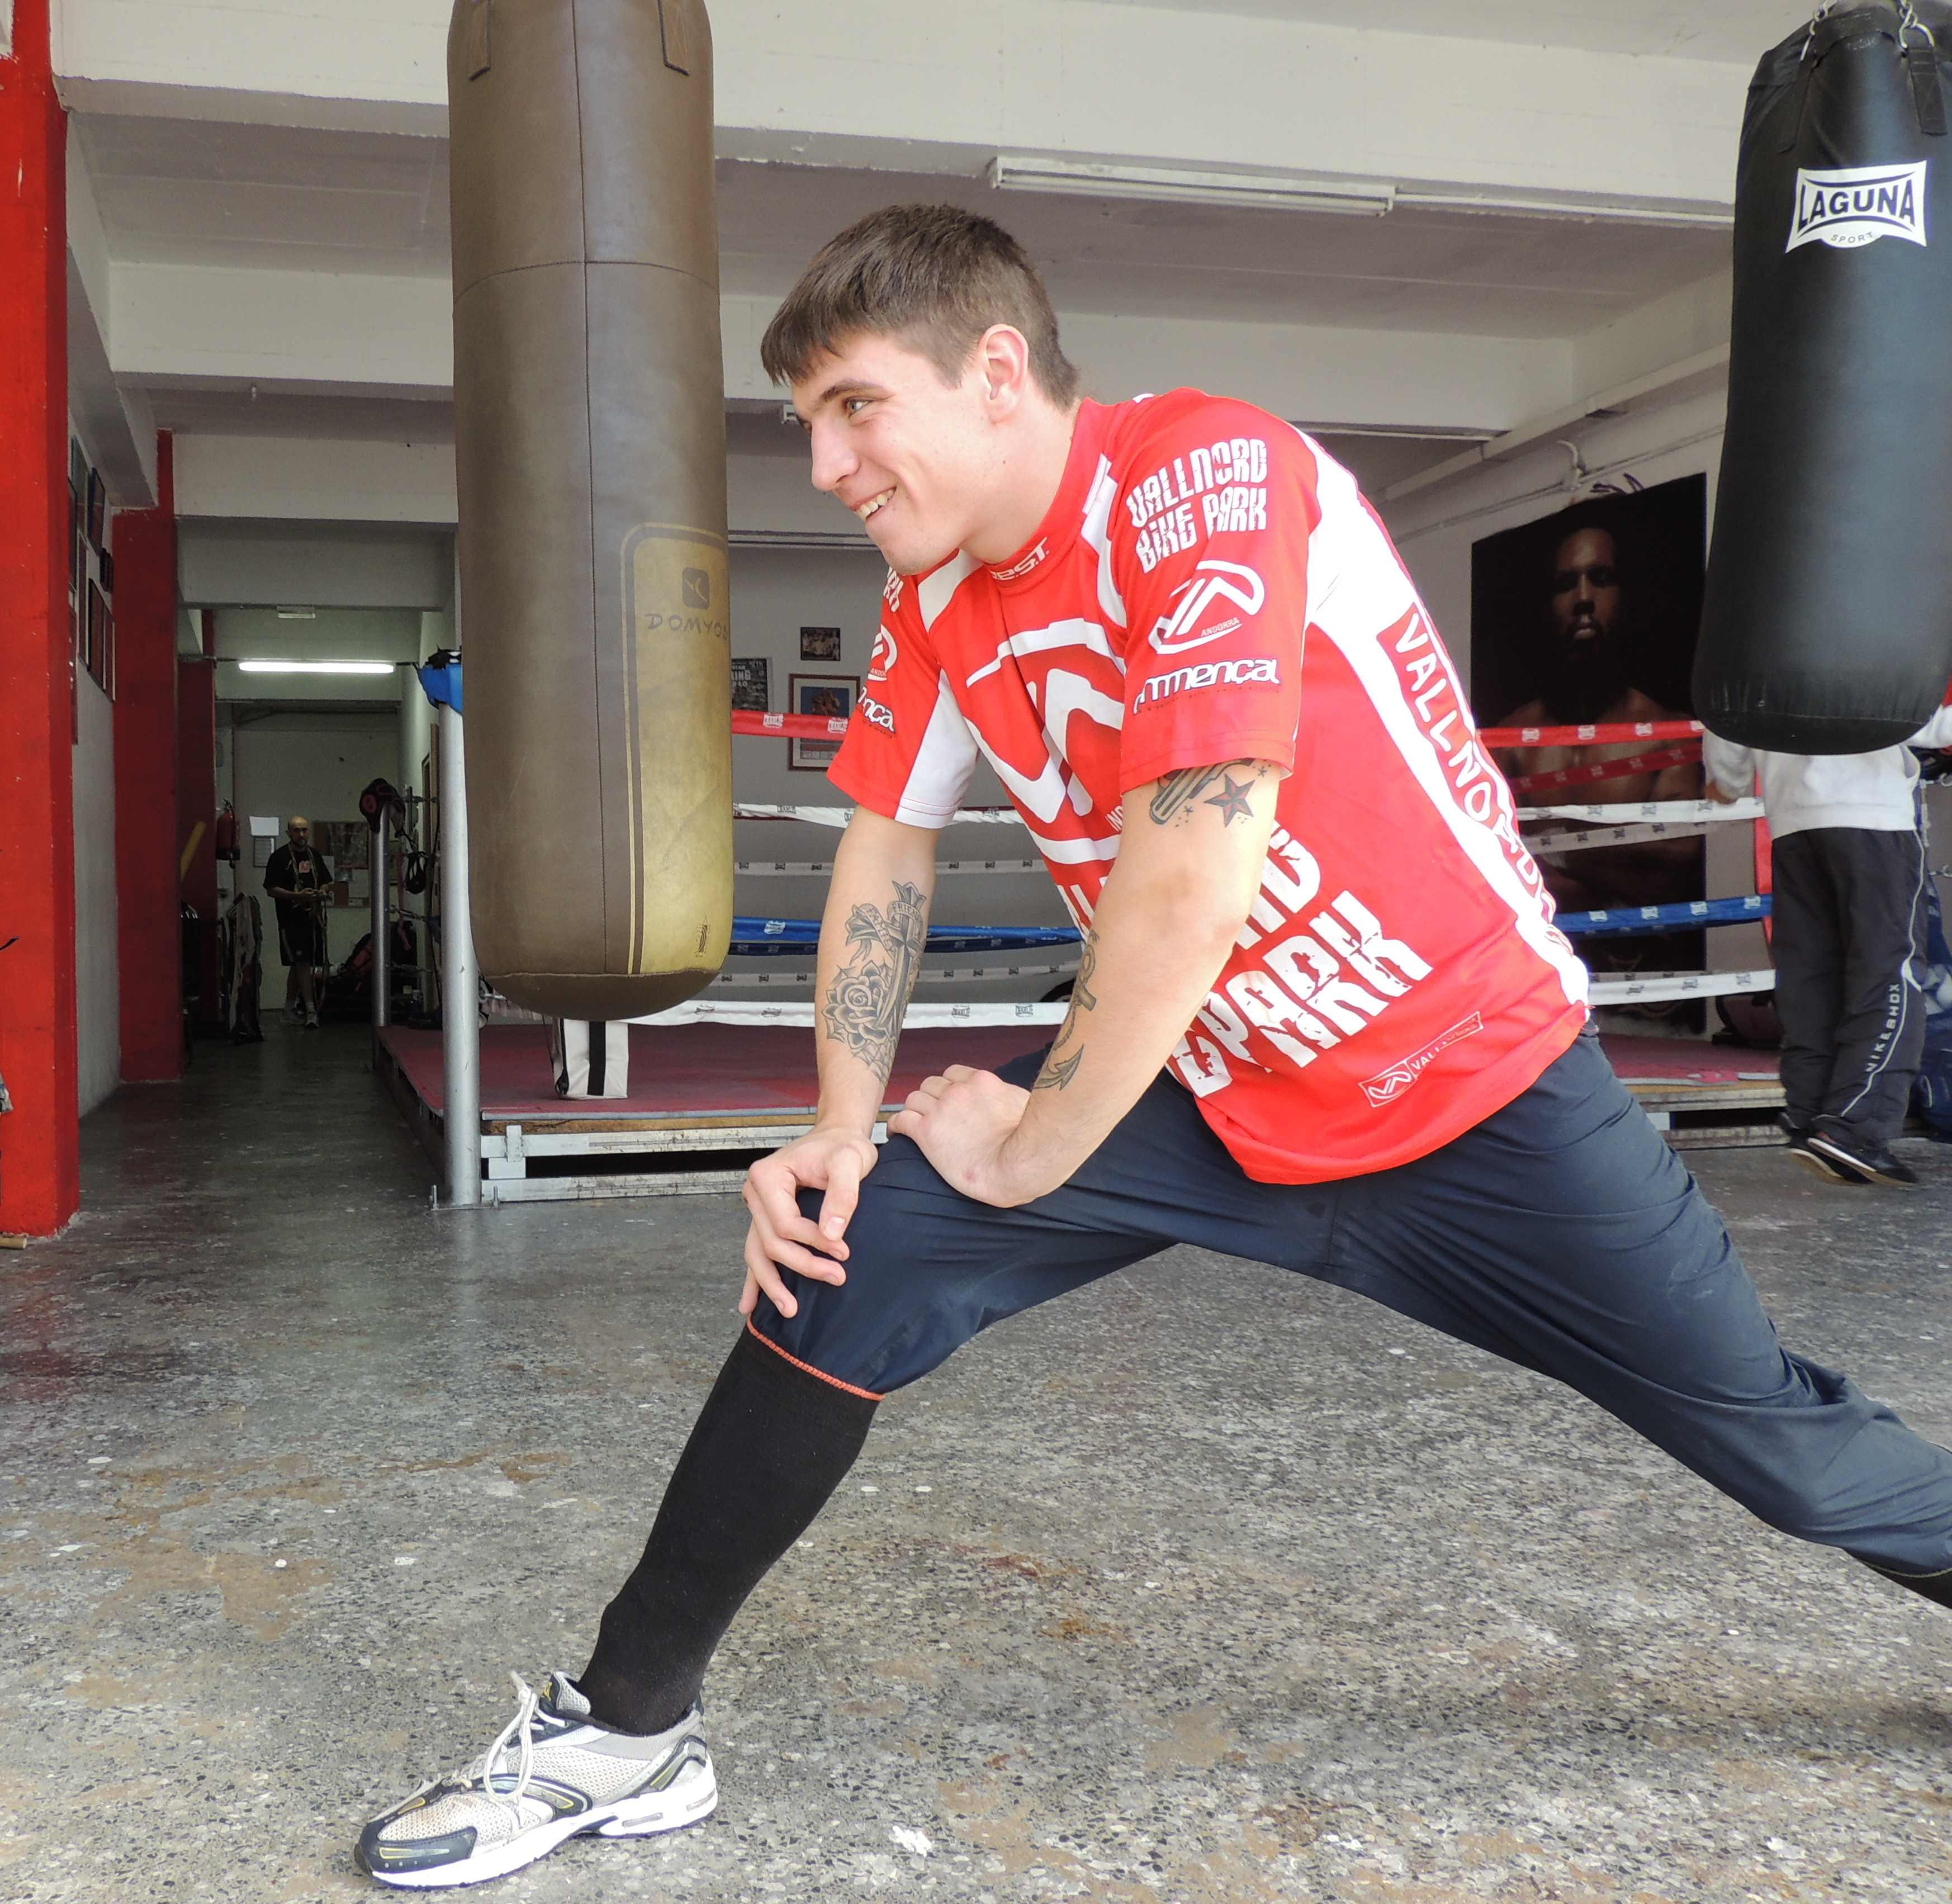 Kerman Lejarraga, joven boxeador profesional de Morga (Bizkaia), retorna a entrenamientos tras lesión